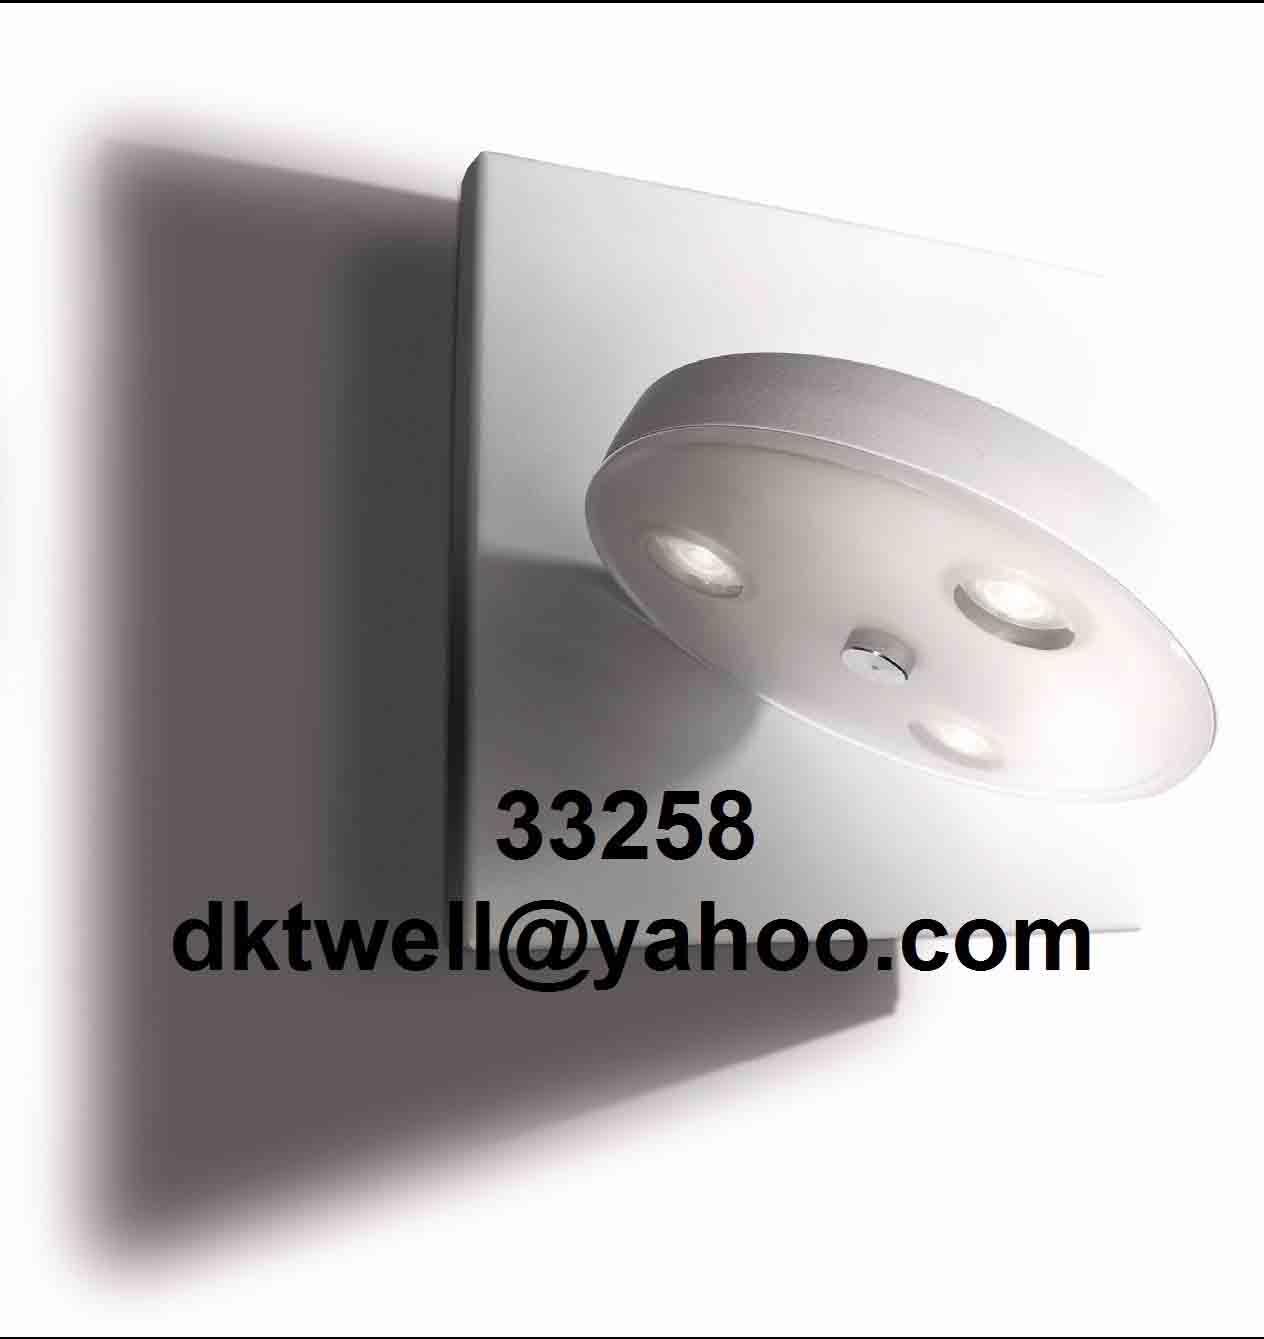 Jual Lampu Dekor Dinding Philips LED 33258 Harga Murah